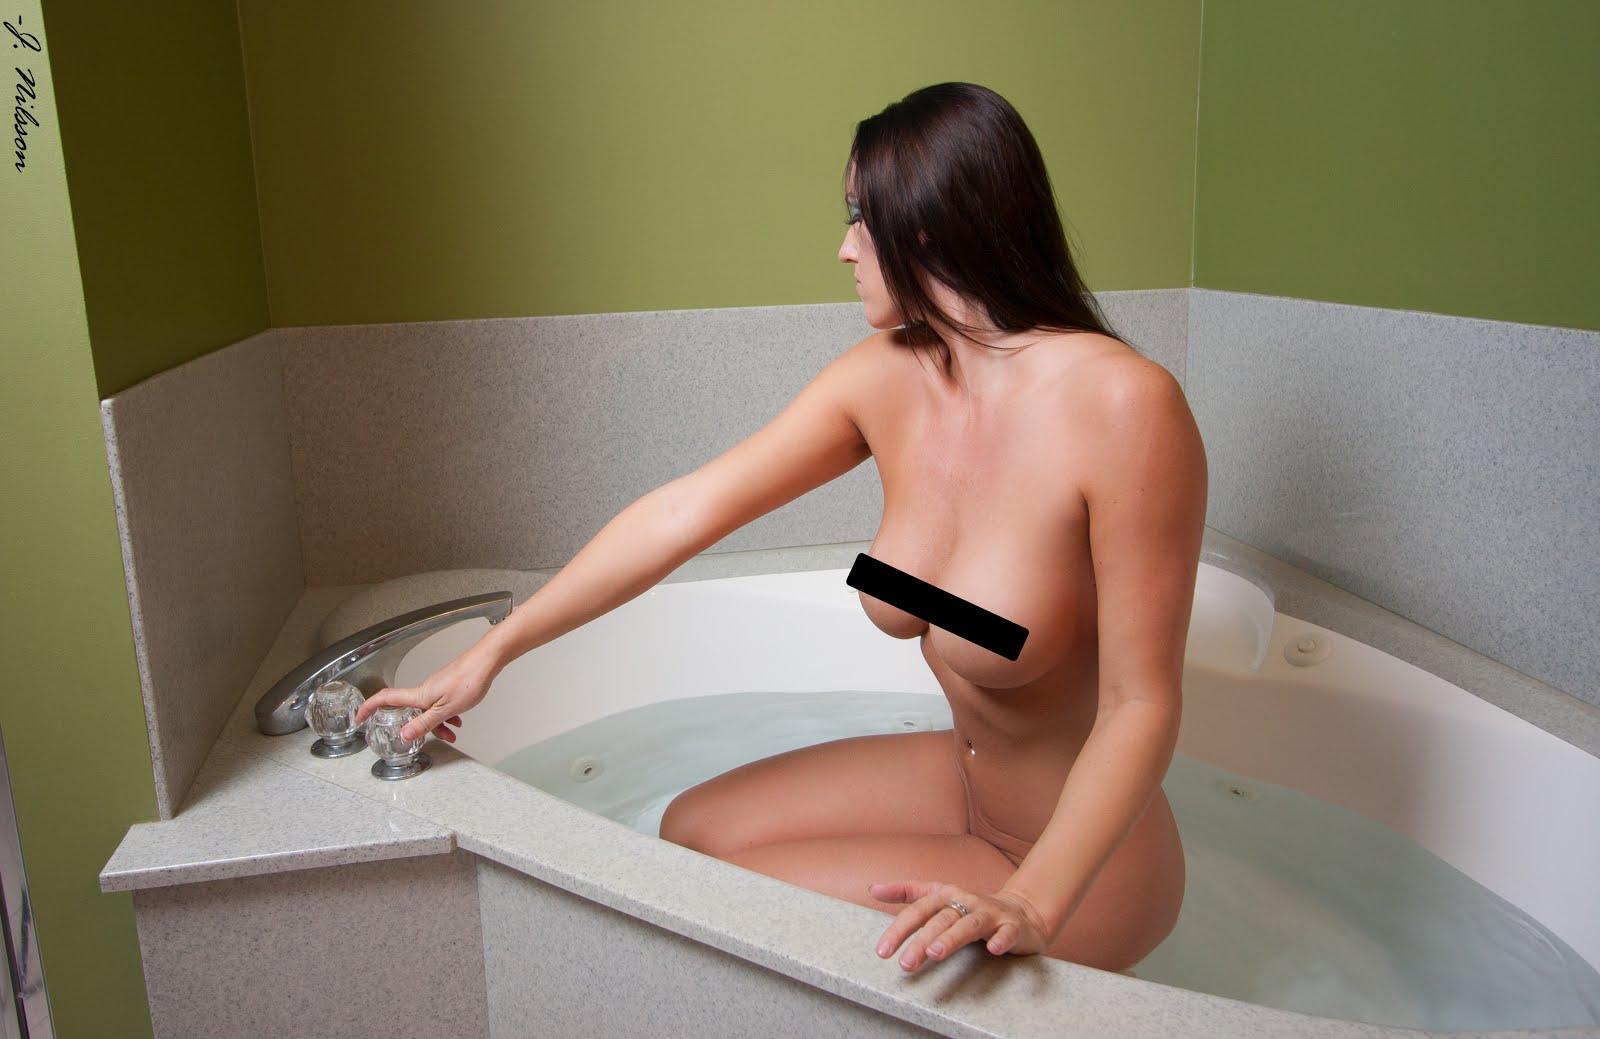 Un baño?